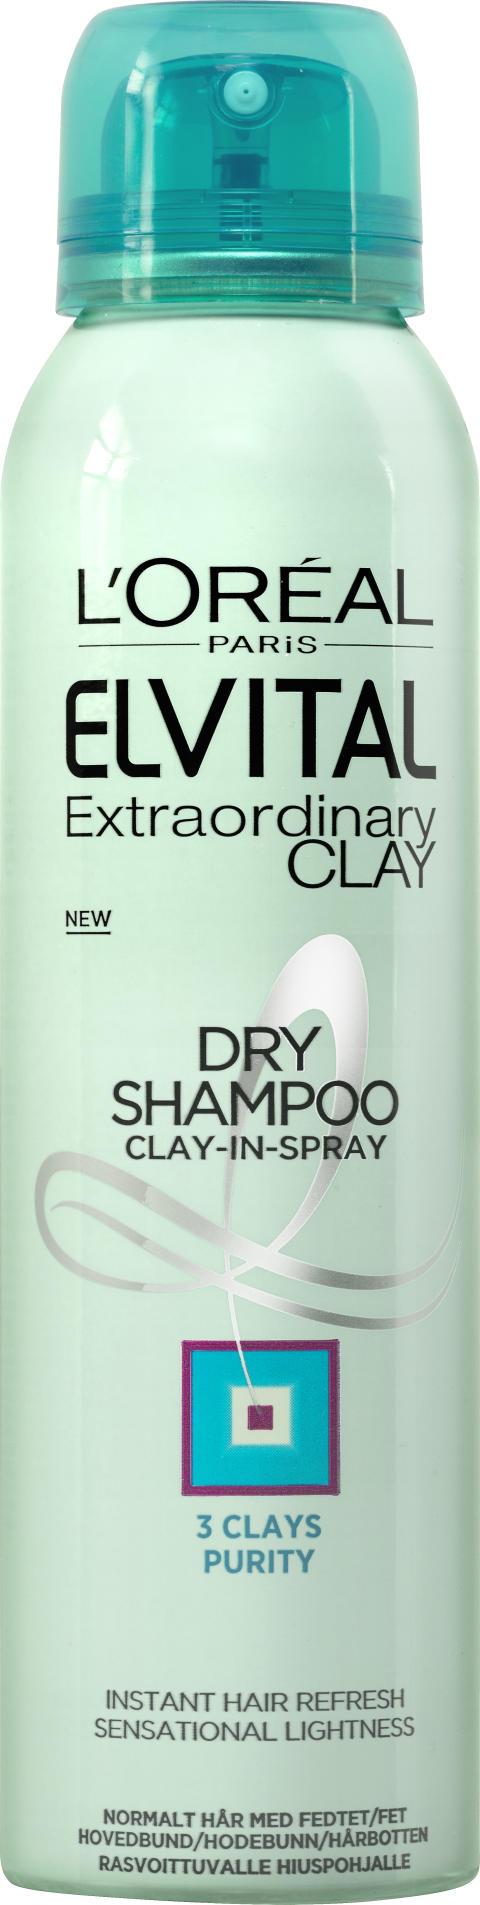 Elvital Extraordinary Clay dry shampo